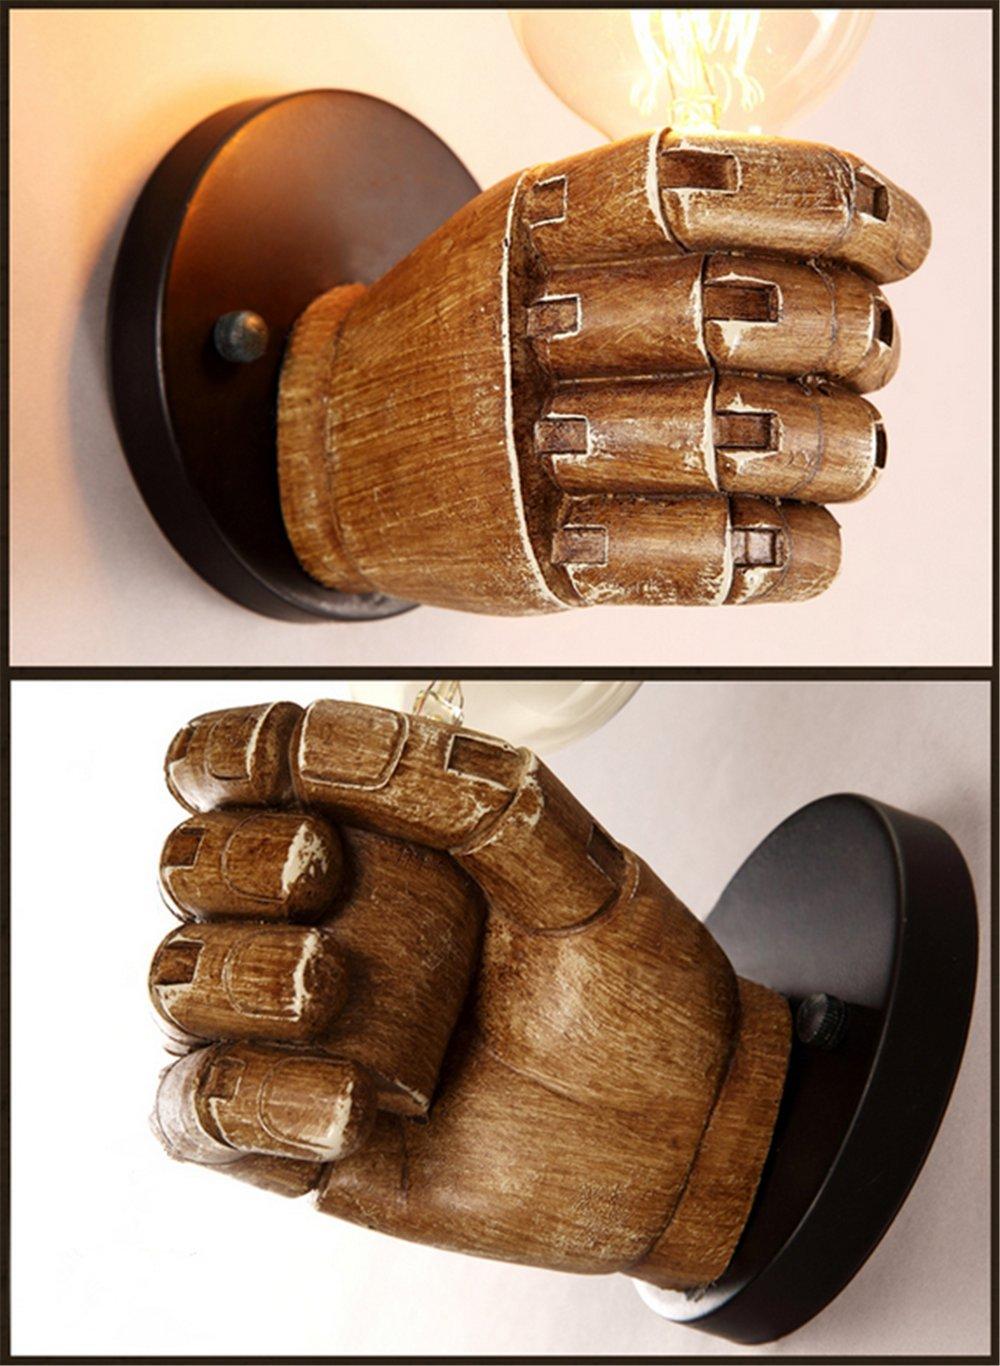 Retro Industrie Design Wandlampe Im Loft Style Esszimmer Vintage Retro  Wohnzimmer Mode Kreative Persönlichkeit Harz Hand Form Wandleuchten,1 X  E27: ...